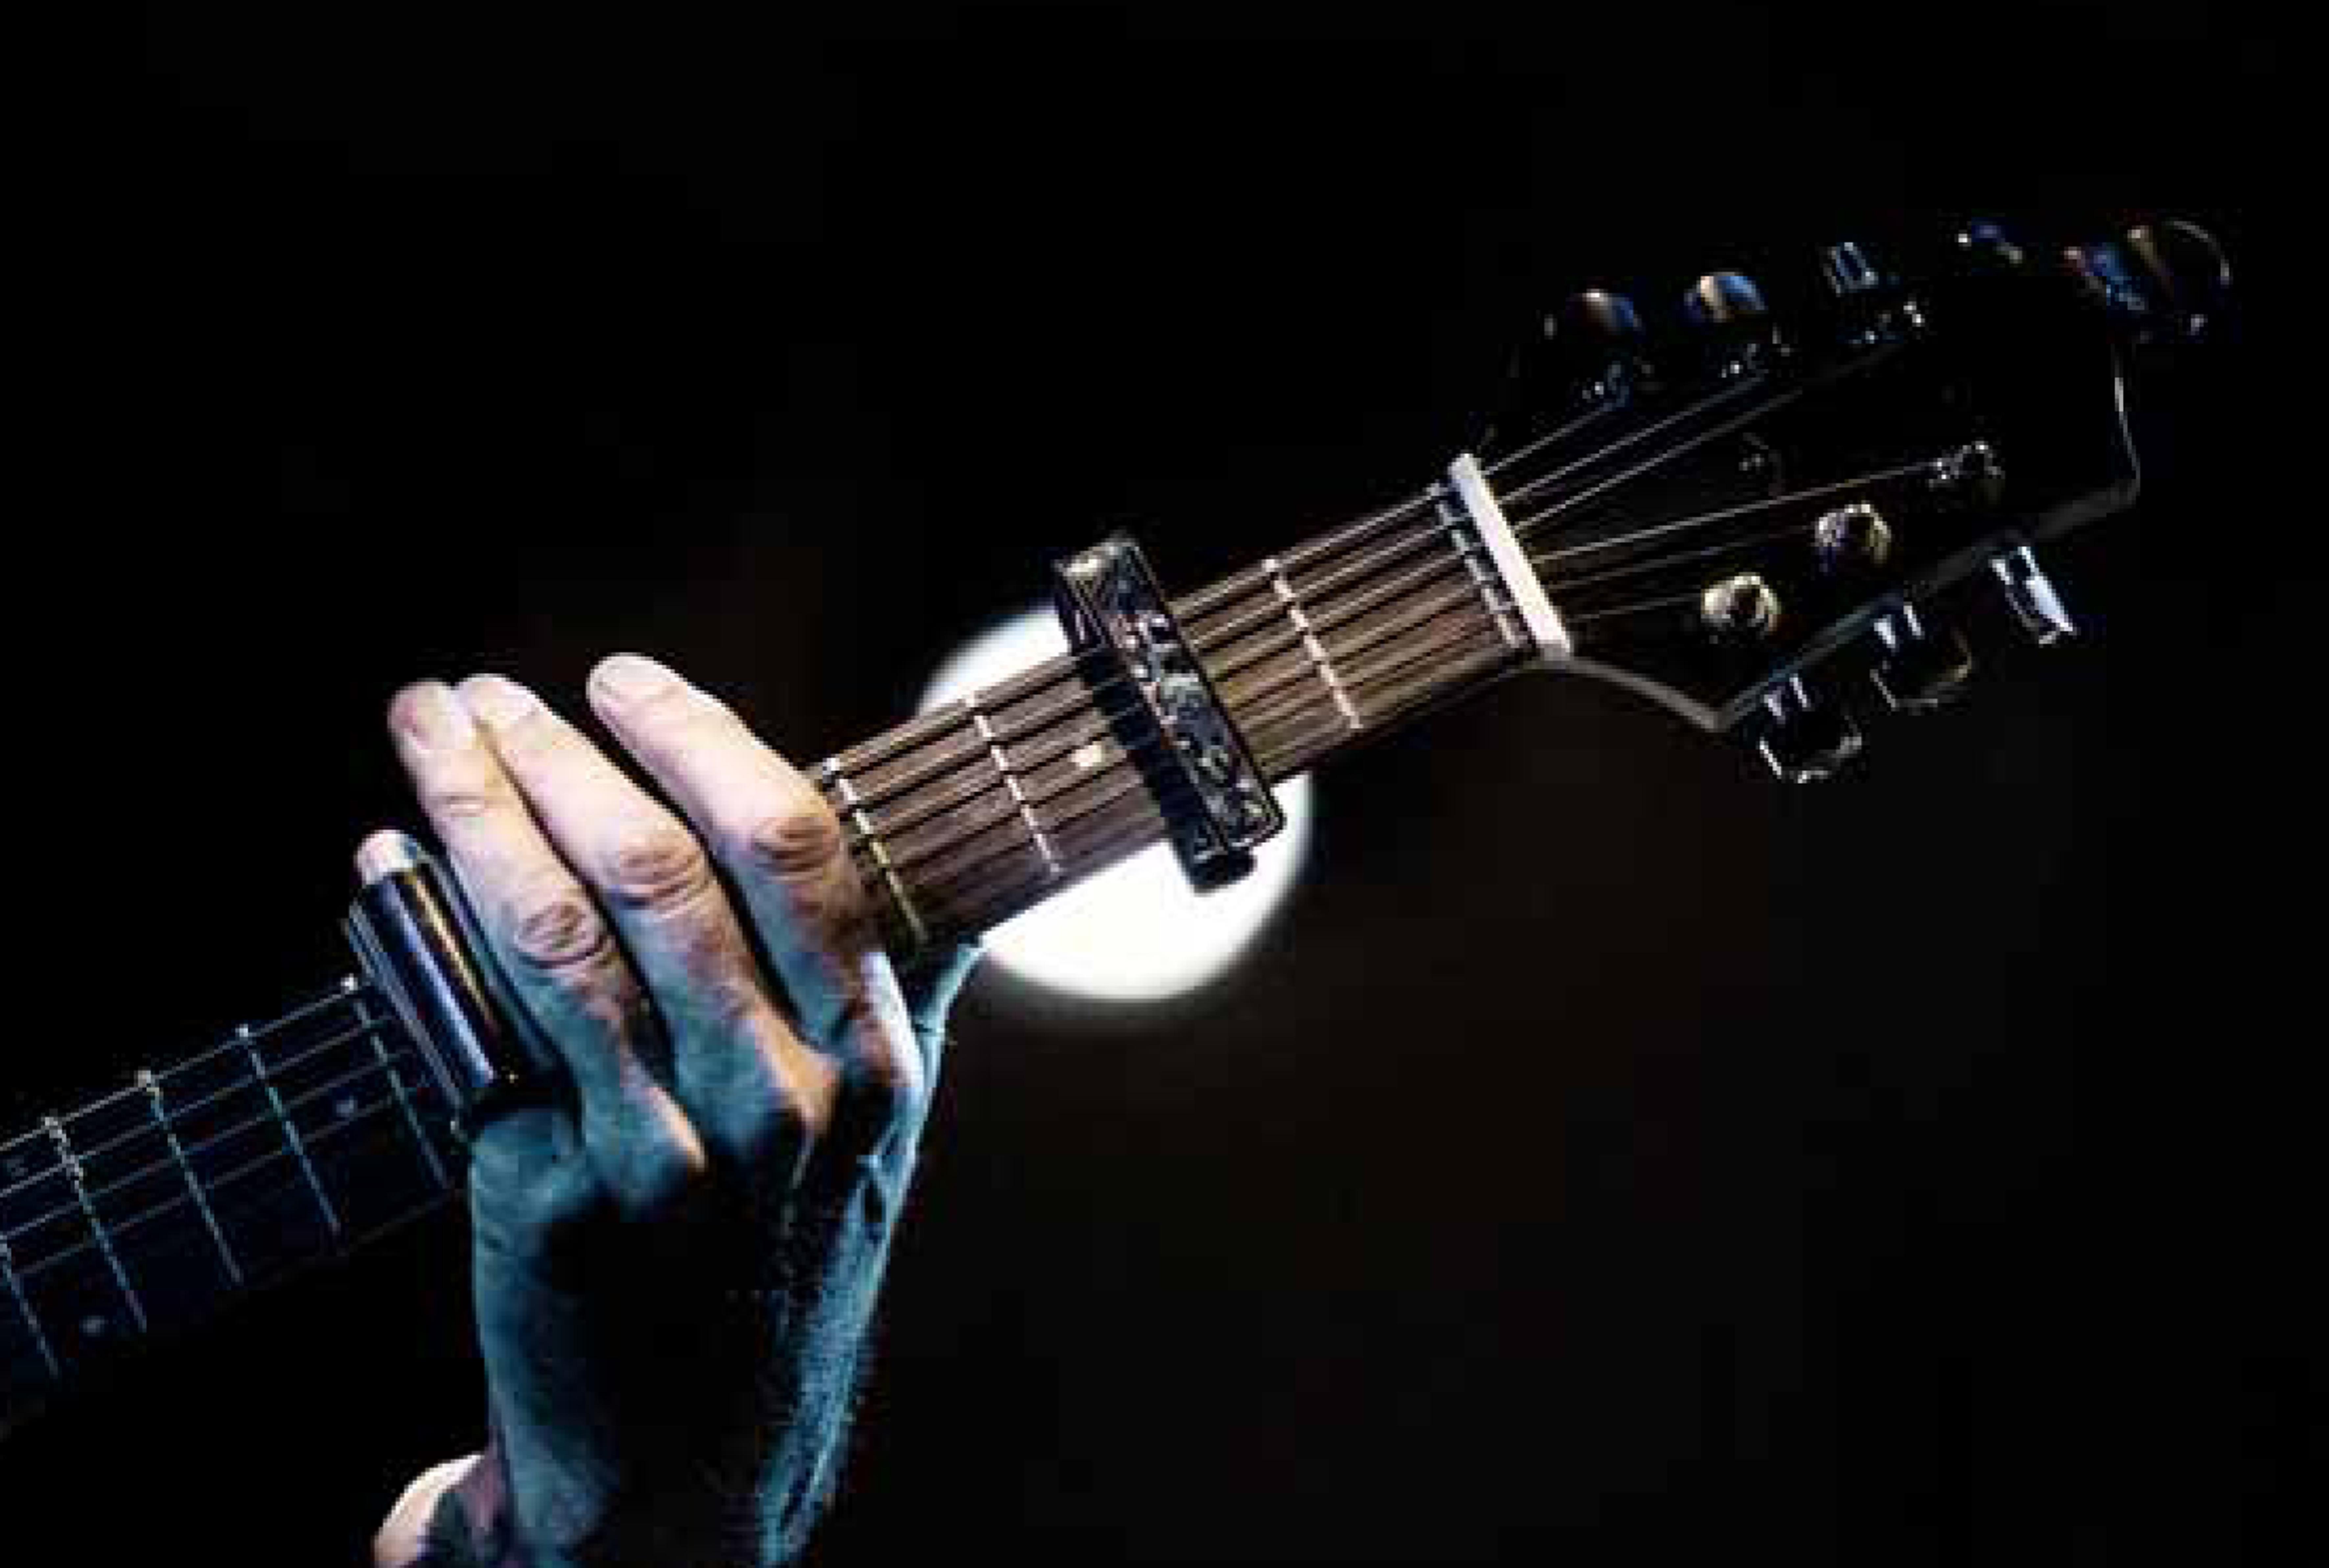 immagine di una chitarrra